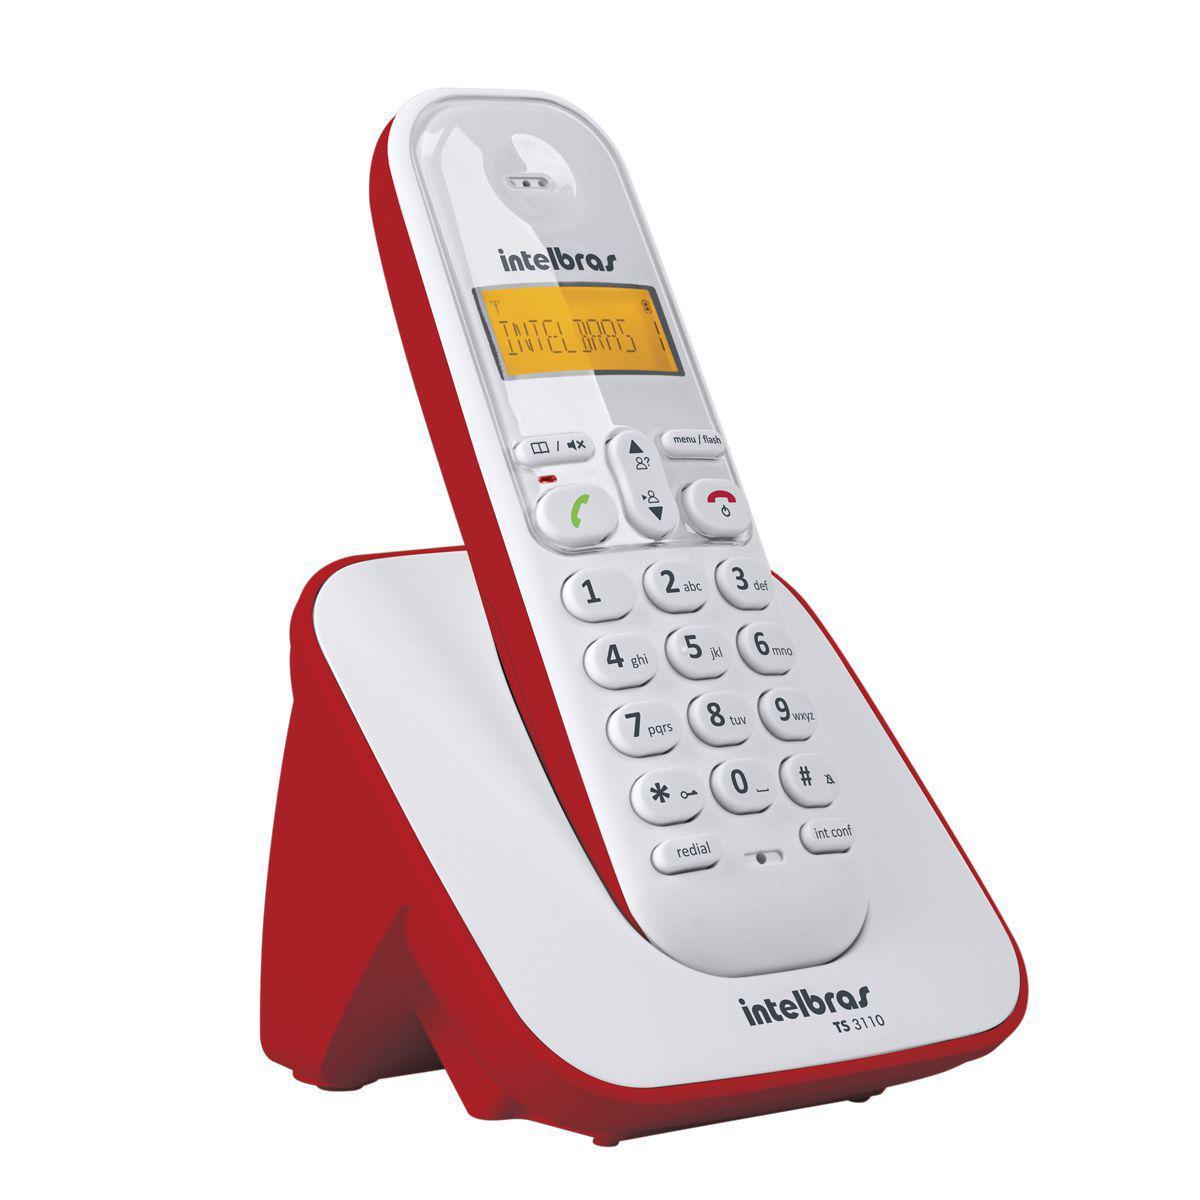 caf65341a Telefone sem Fio Intelbras TS3110 com Identificador - Telefone Sem ...